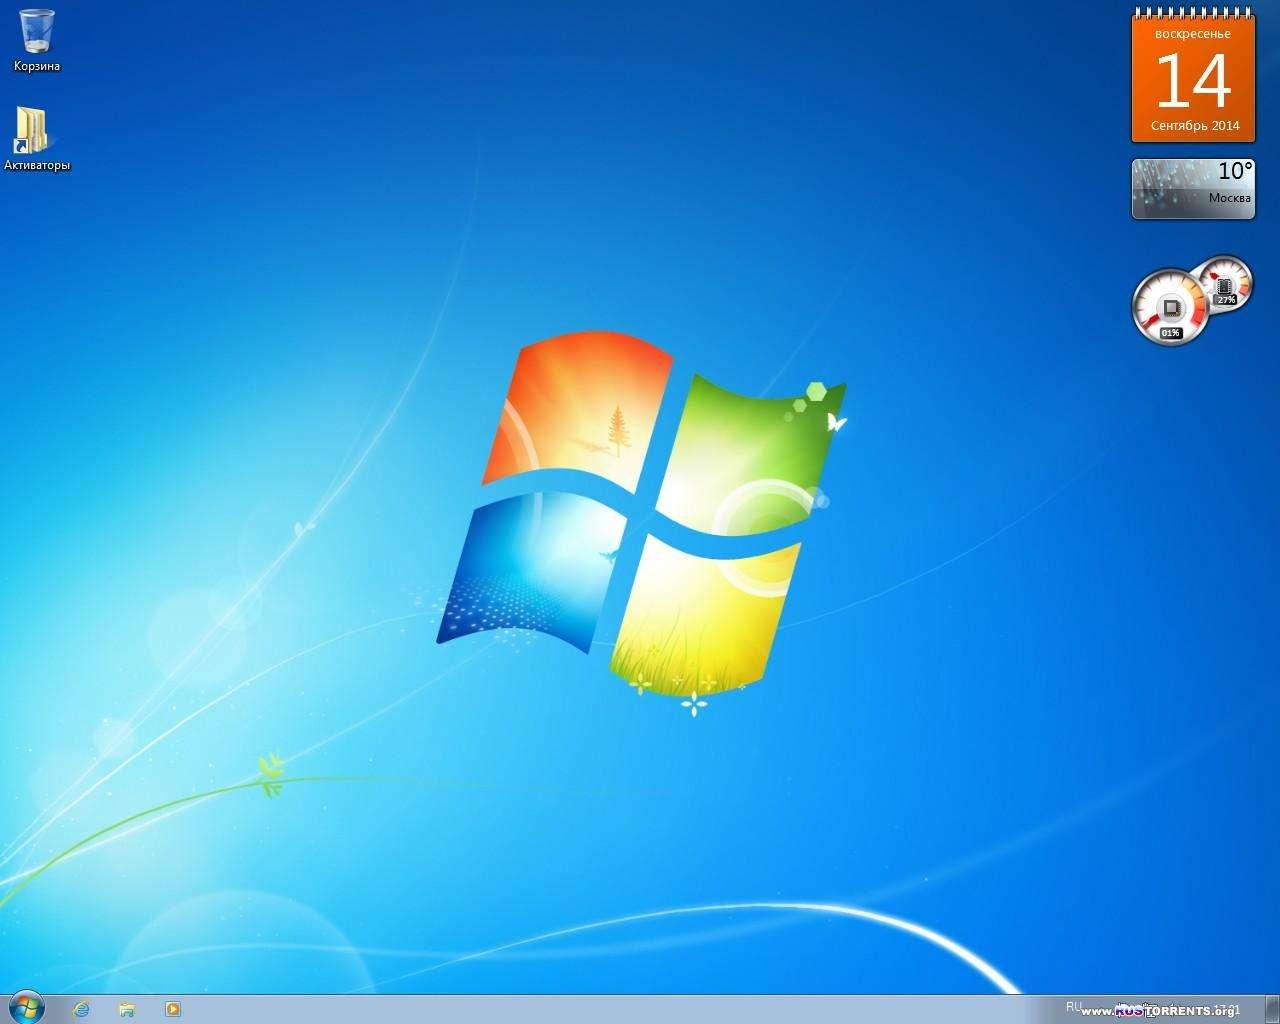 Windows 7 ������������ Orig w.BootMenu x86/x64 by OVGorskiy 09.2014 RUS